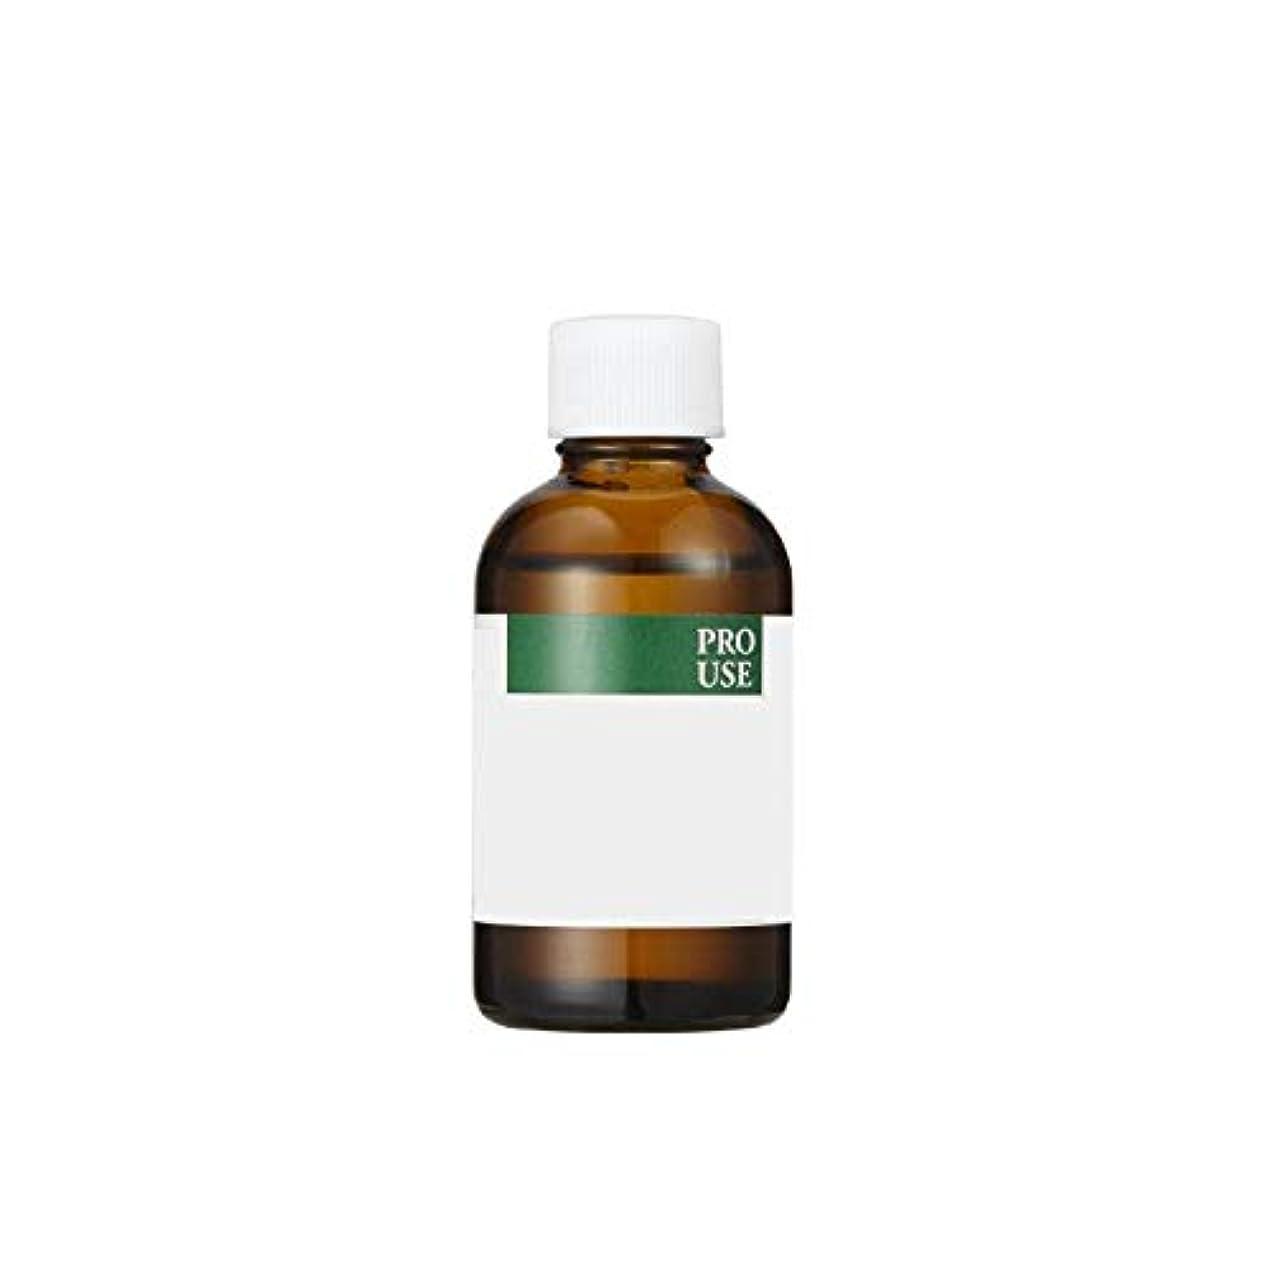 ヘッドレス不条理違法生活の木 オークモスAbs.5%精油 50ml